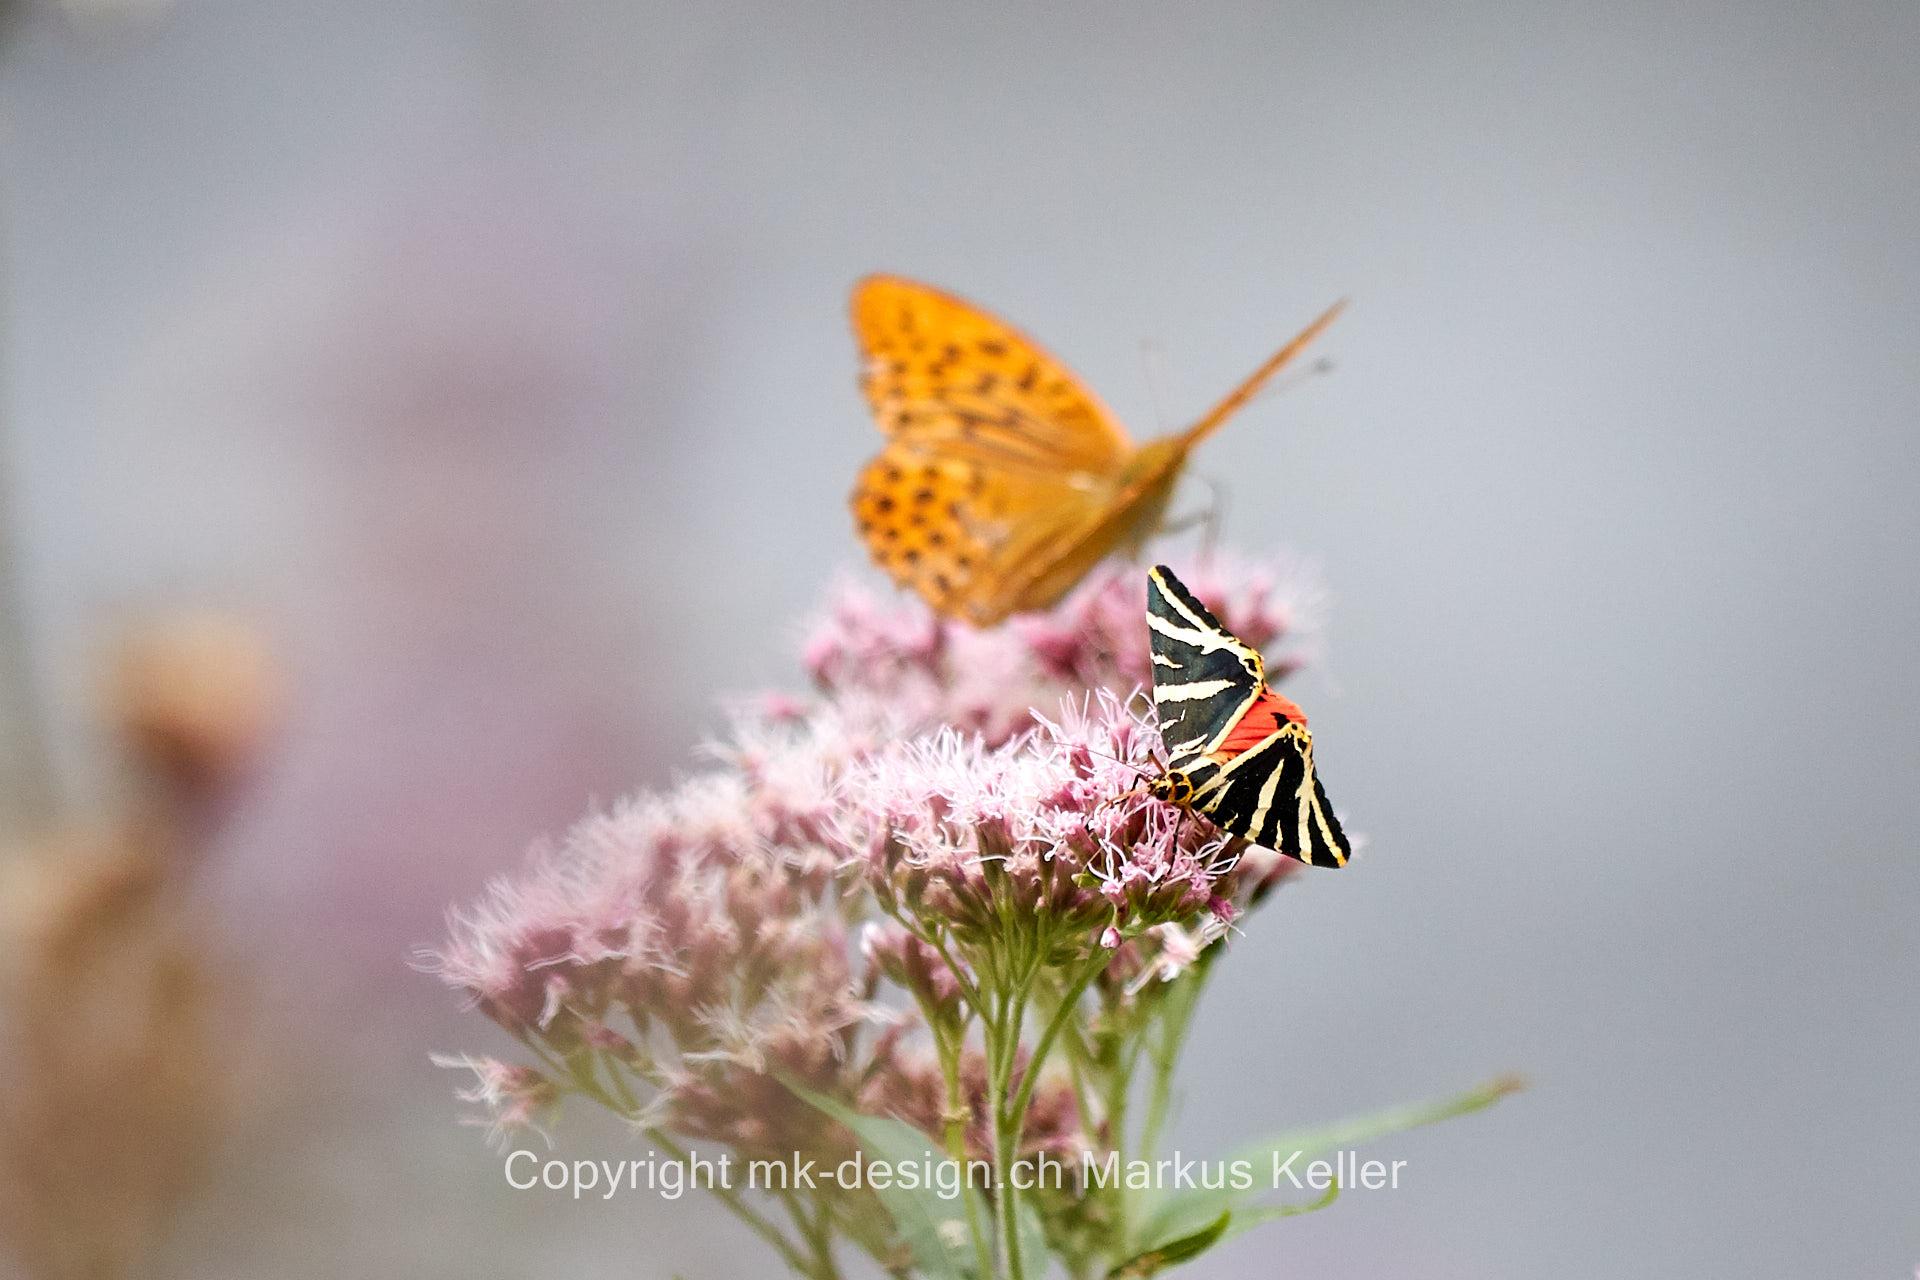 Tier   Insekte   Schmetterling   Russischer Bär   Kaisermantel